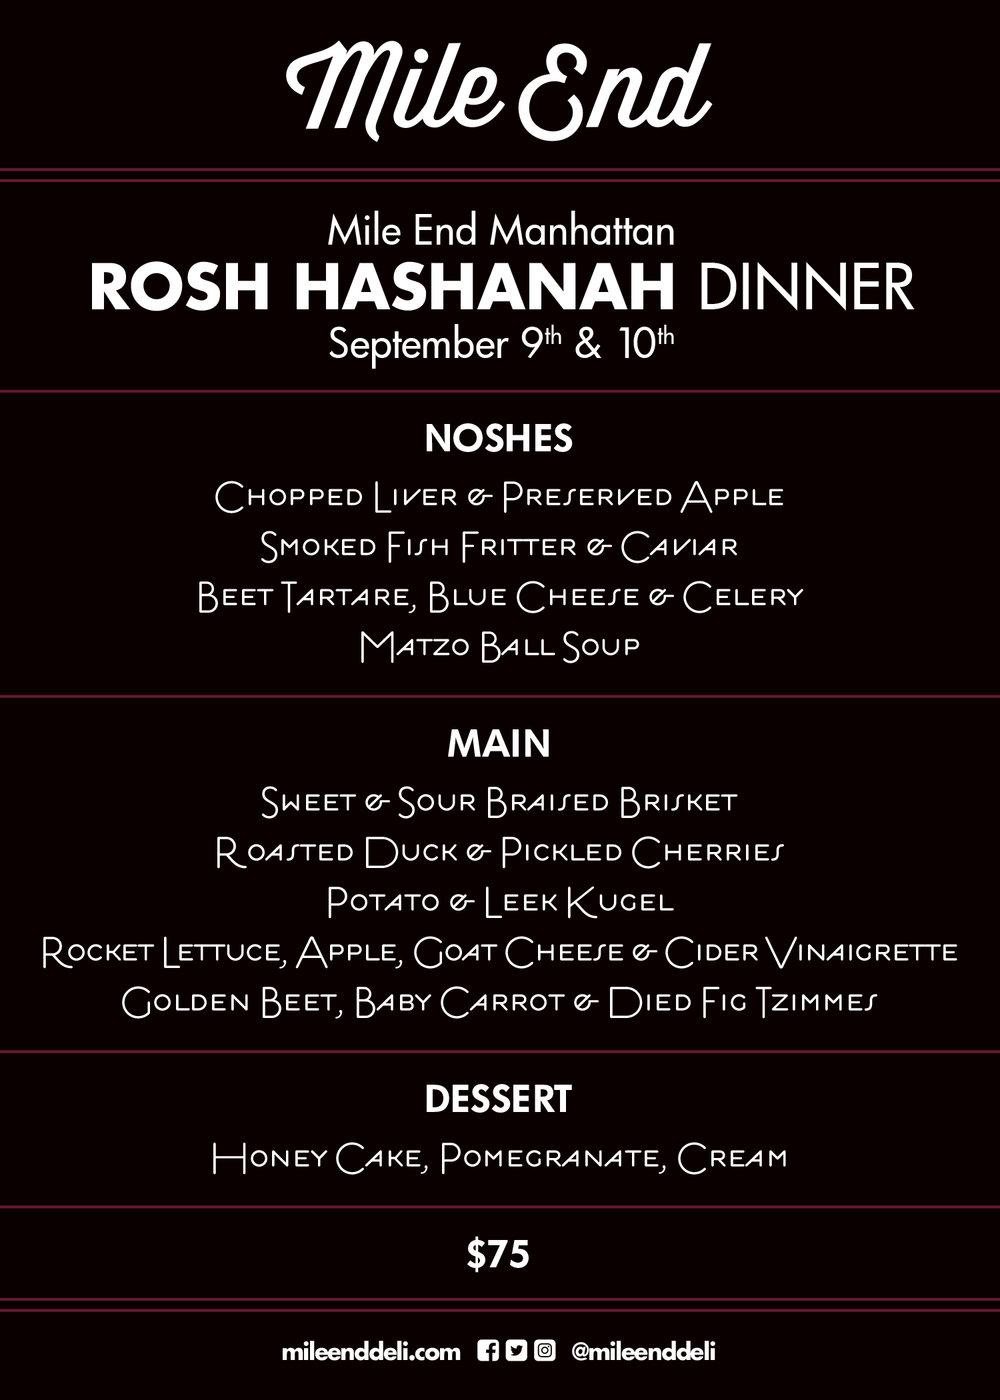 Mile End Rosh Hashanah Dinner Menu .jpg